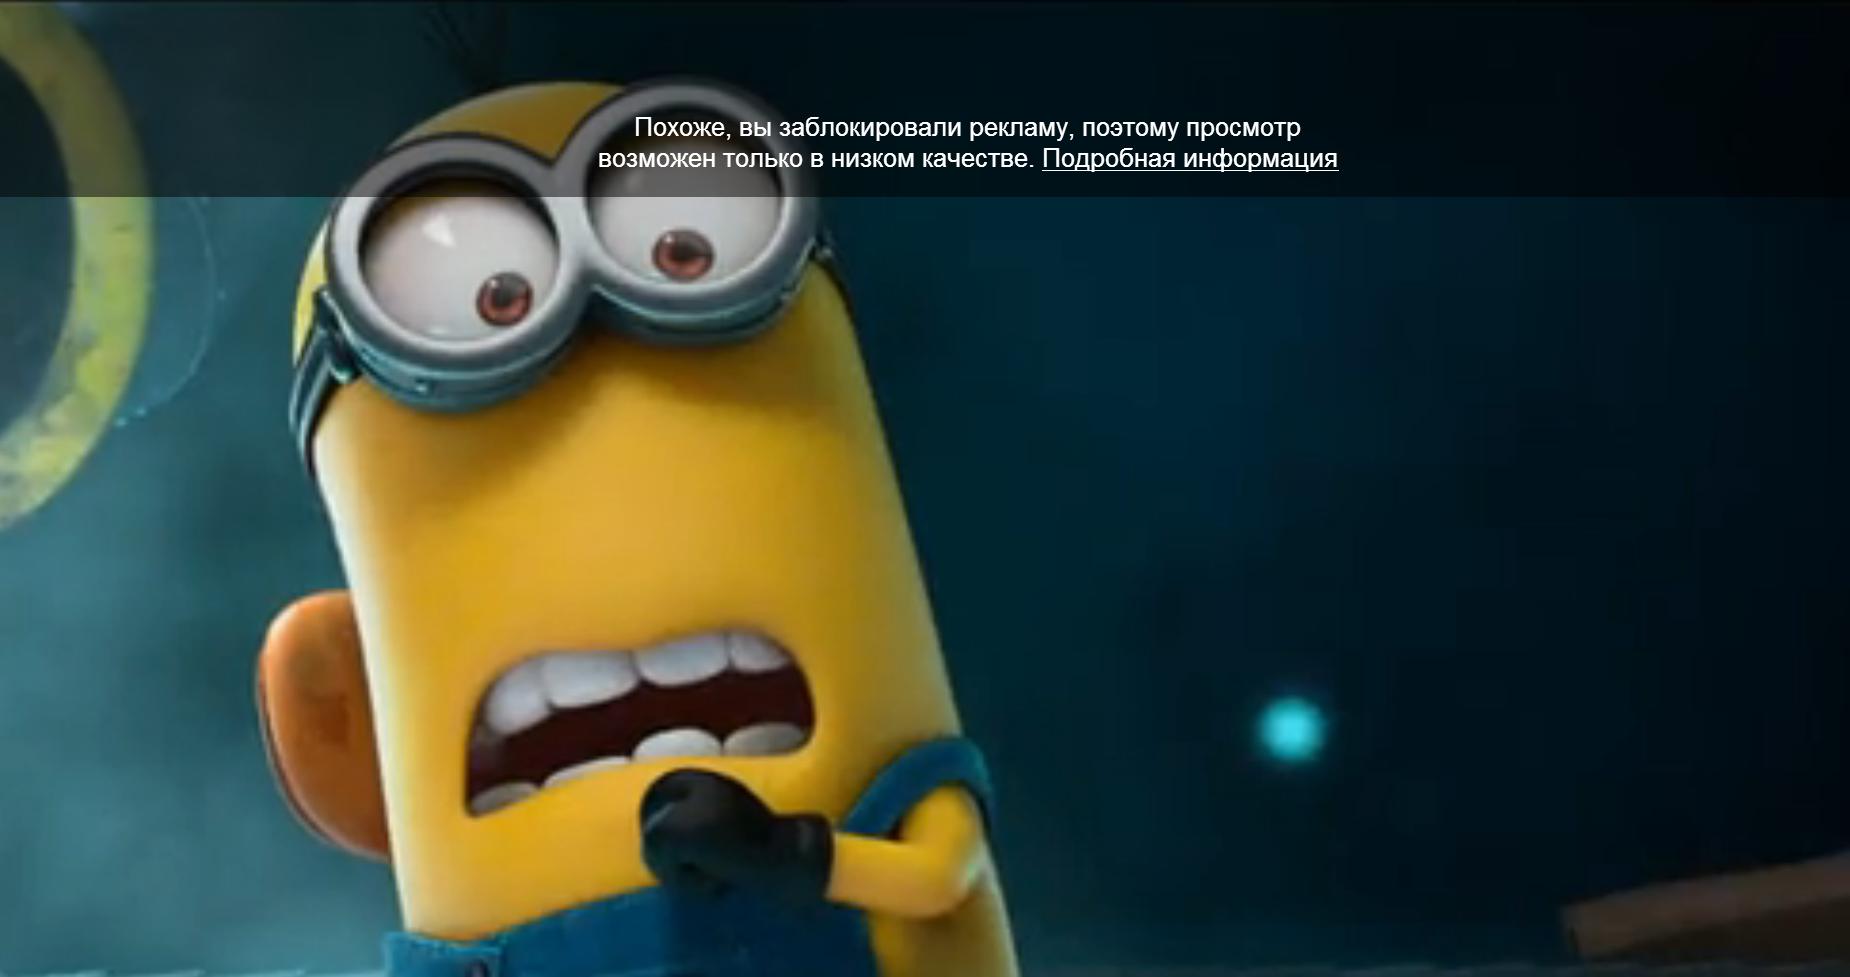 Око за око: Rutube начал резать качество видео пользователям, которые режут рекламу